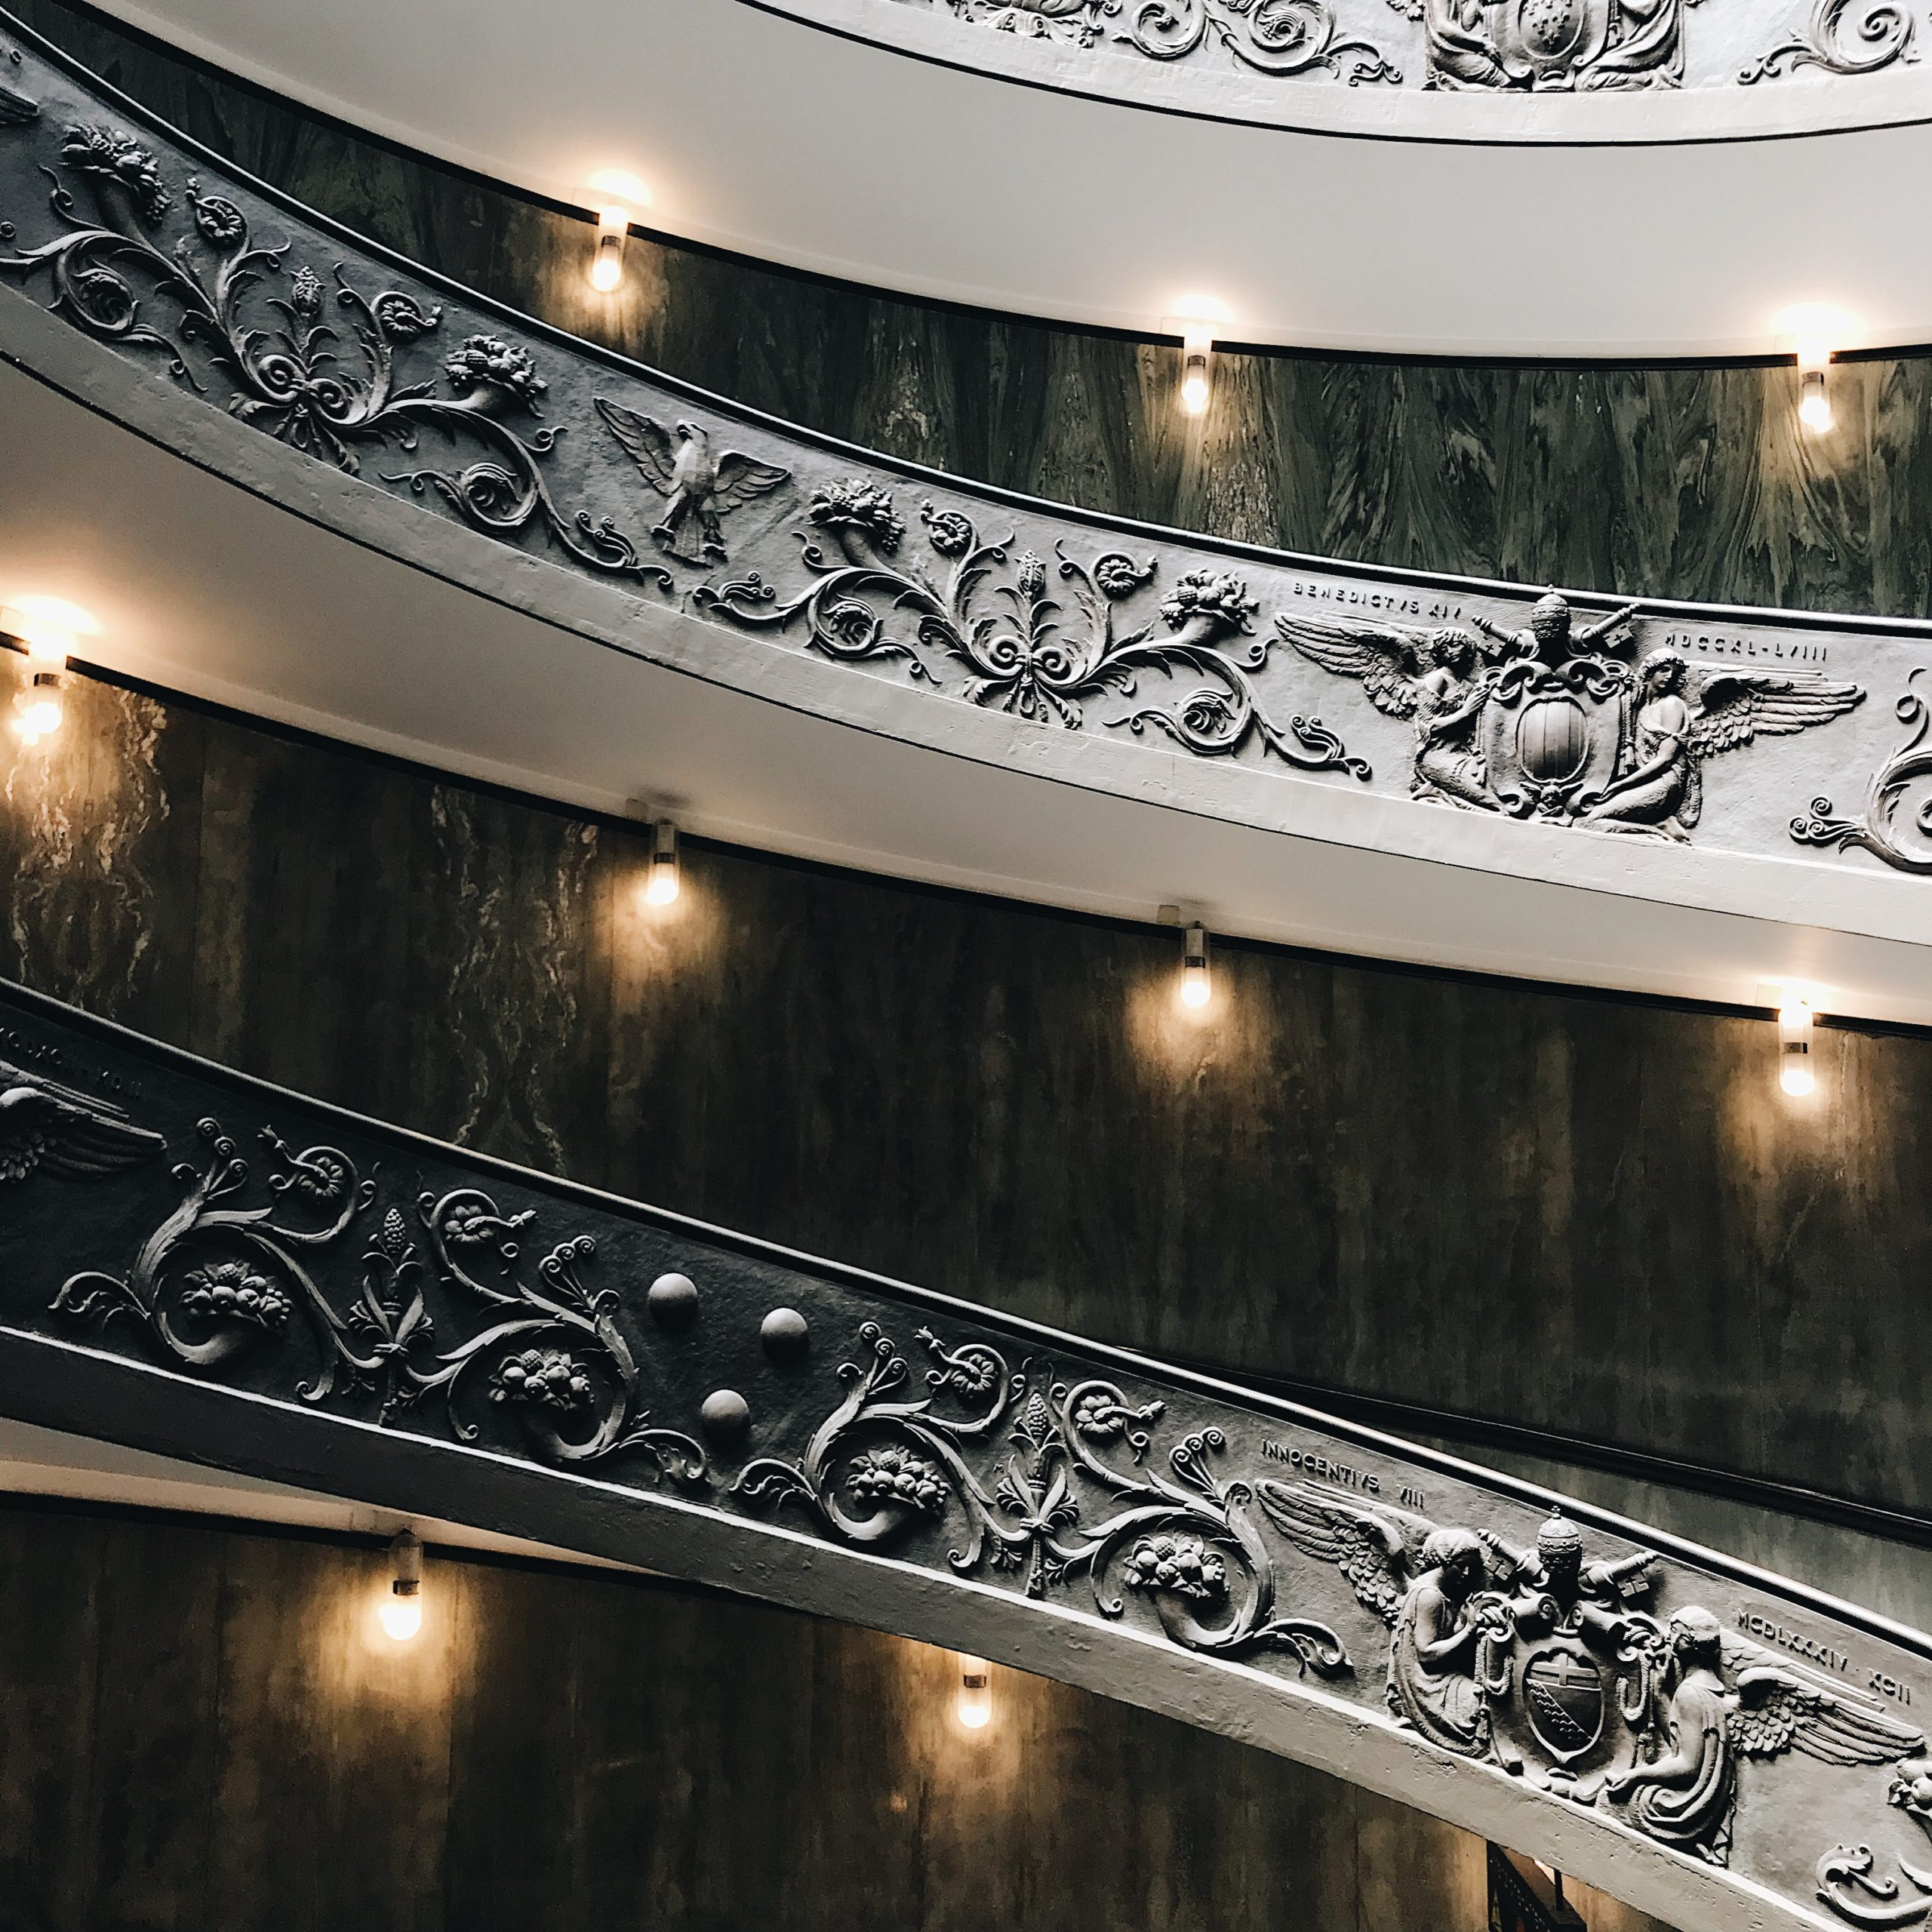 Escalier - Musée du Vatican